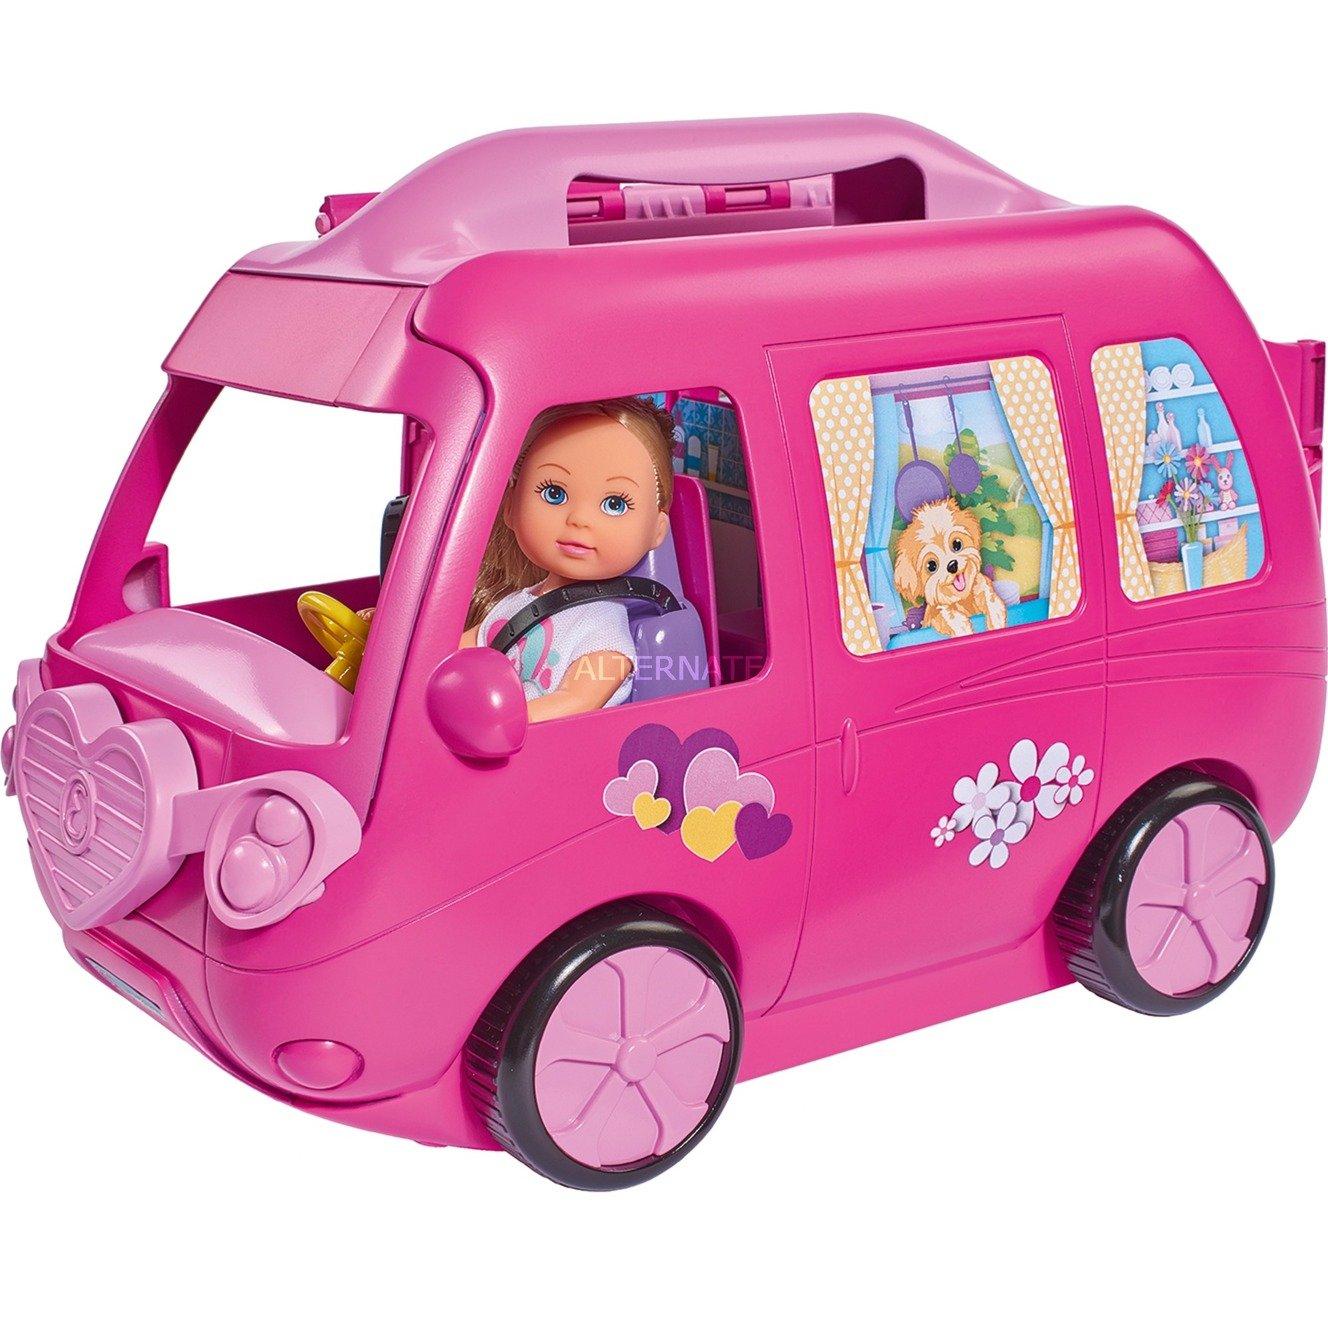 105733275, Vehículo de juguete